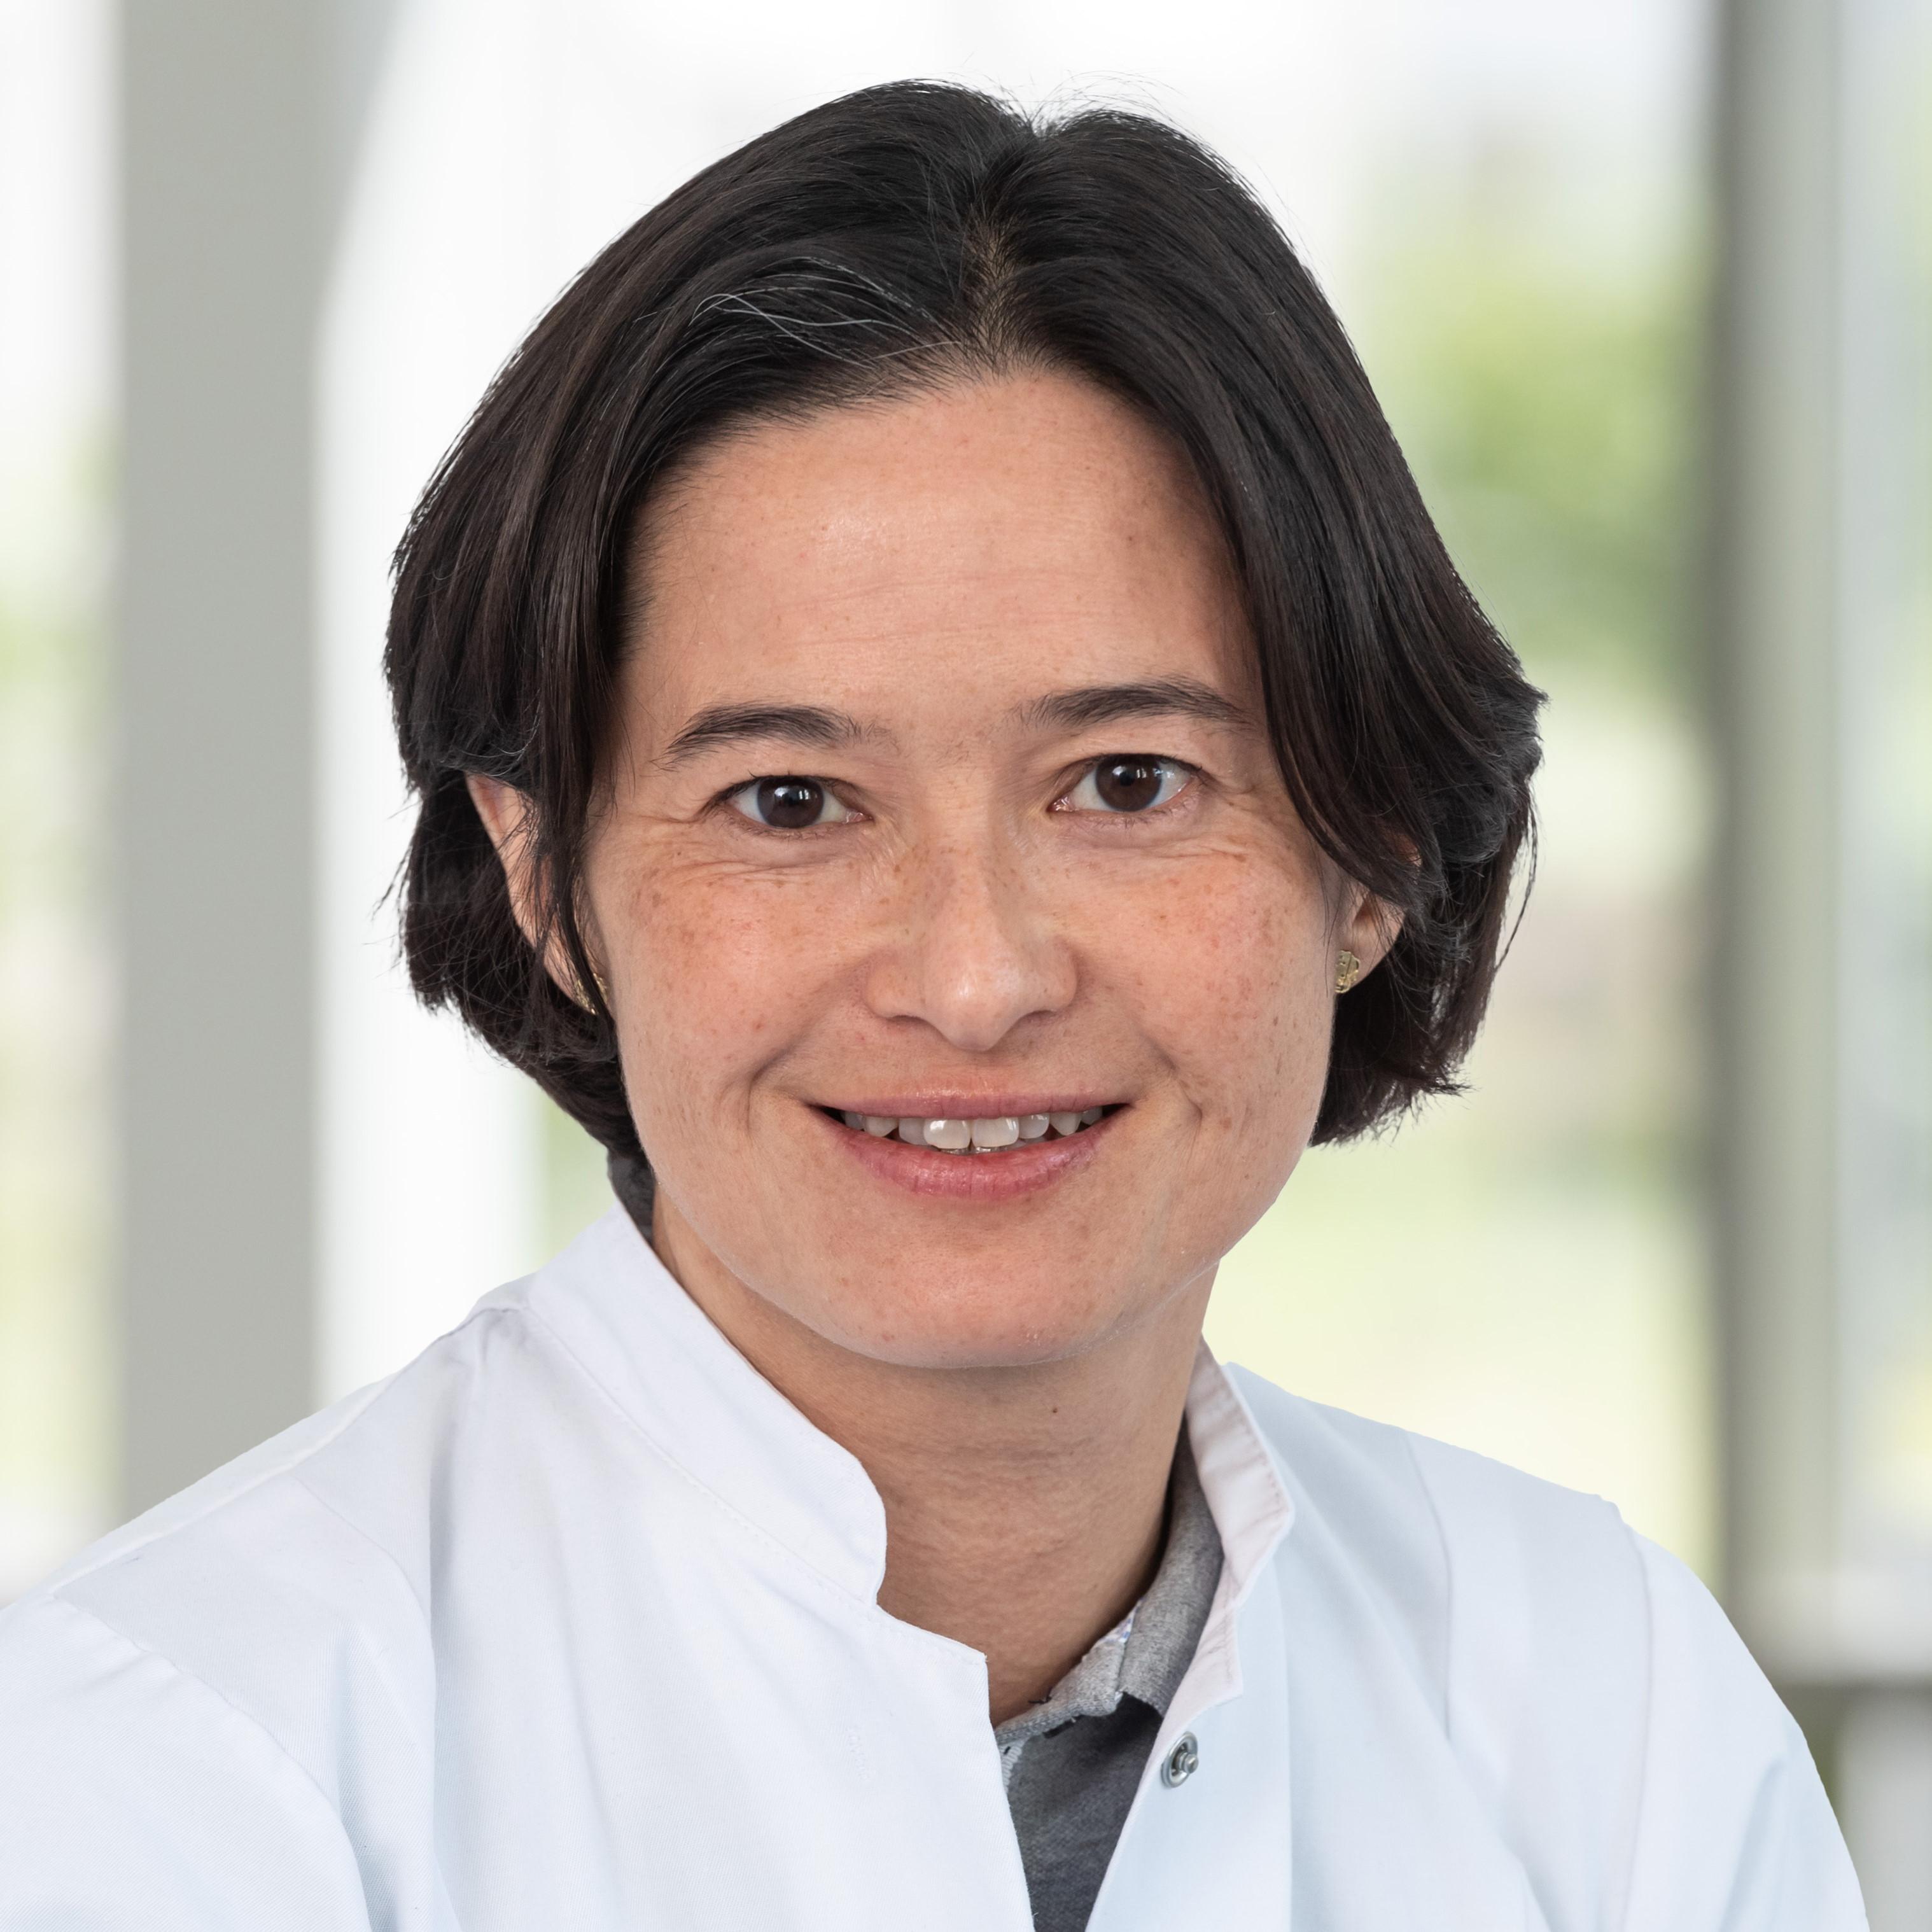 Dr. Marion Högner